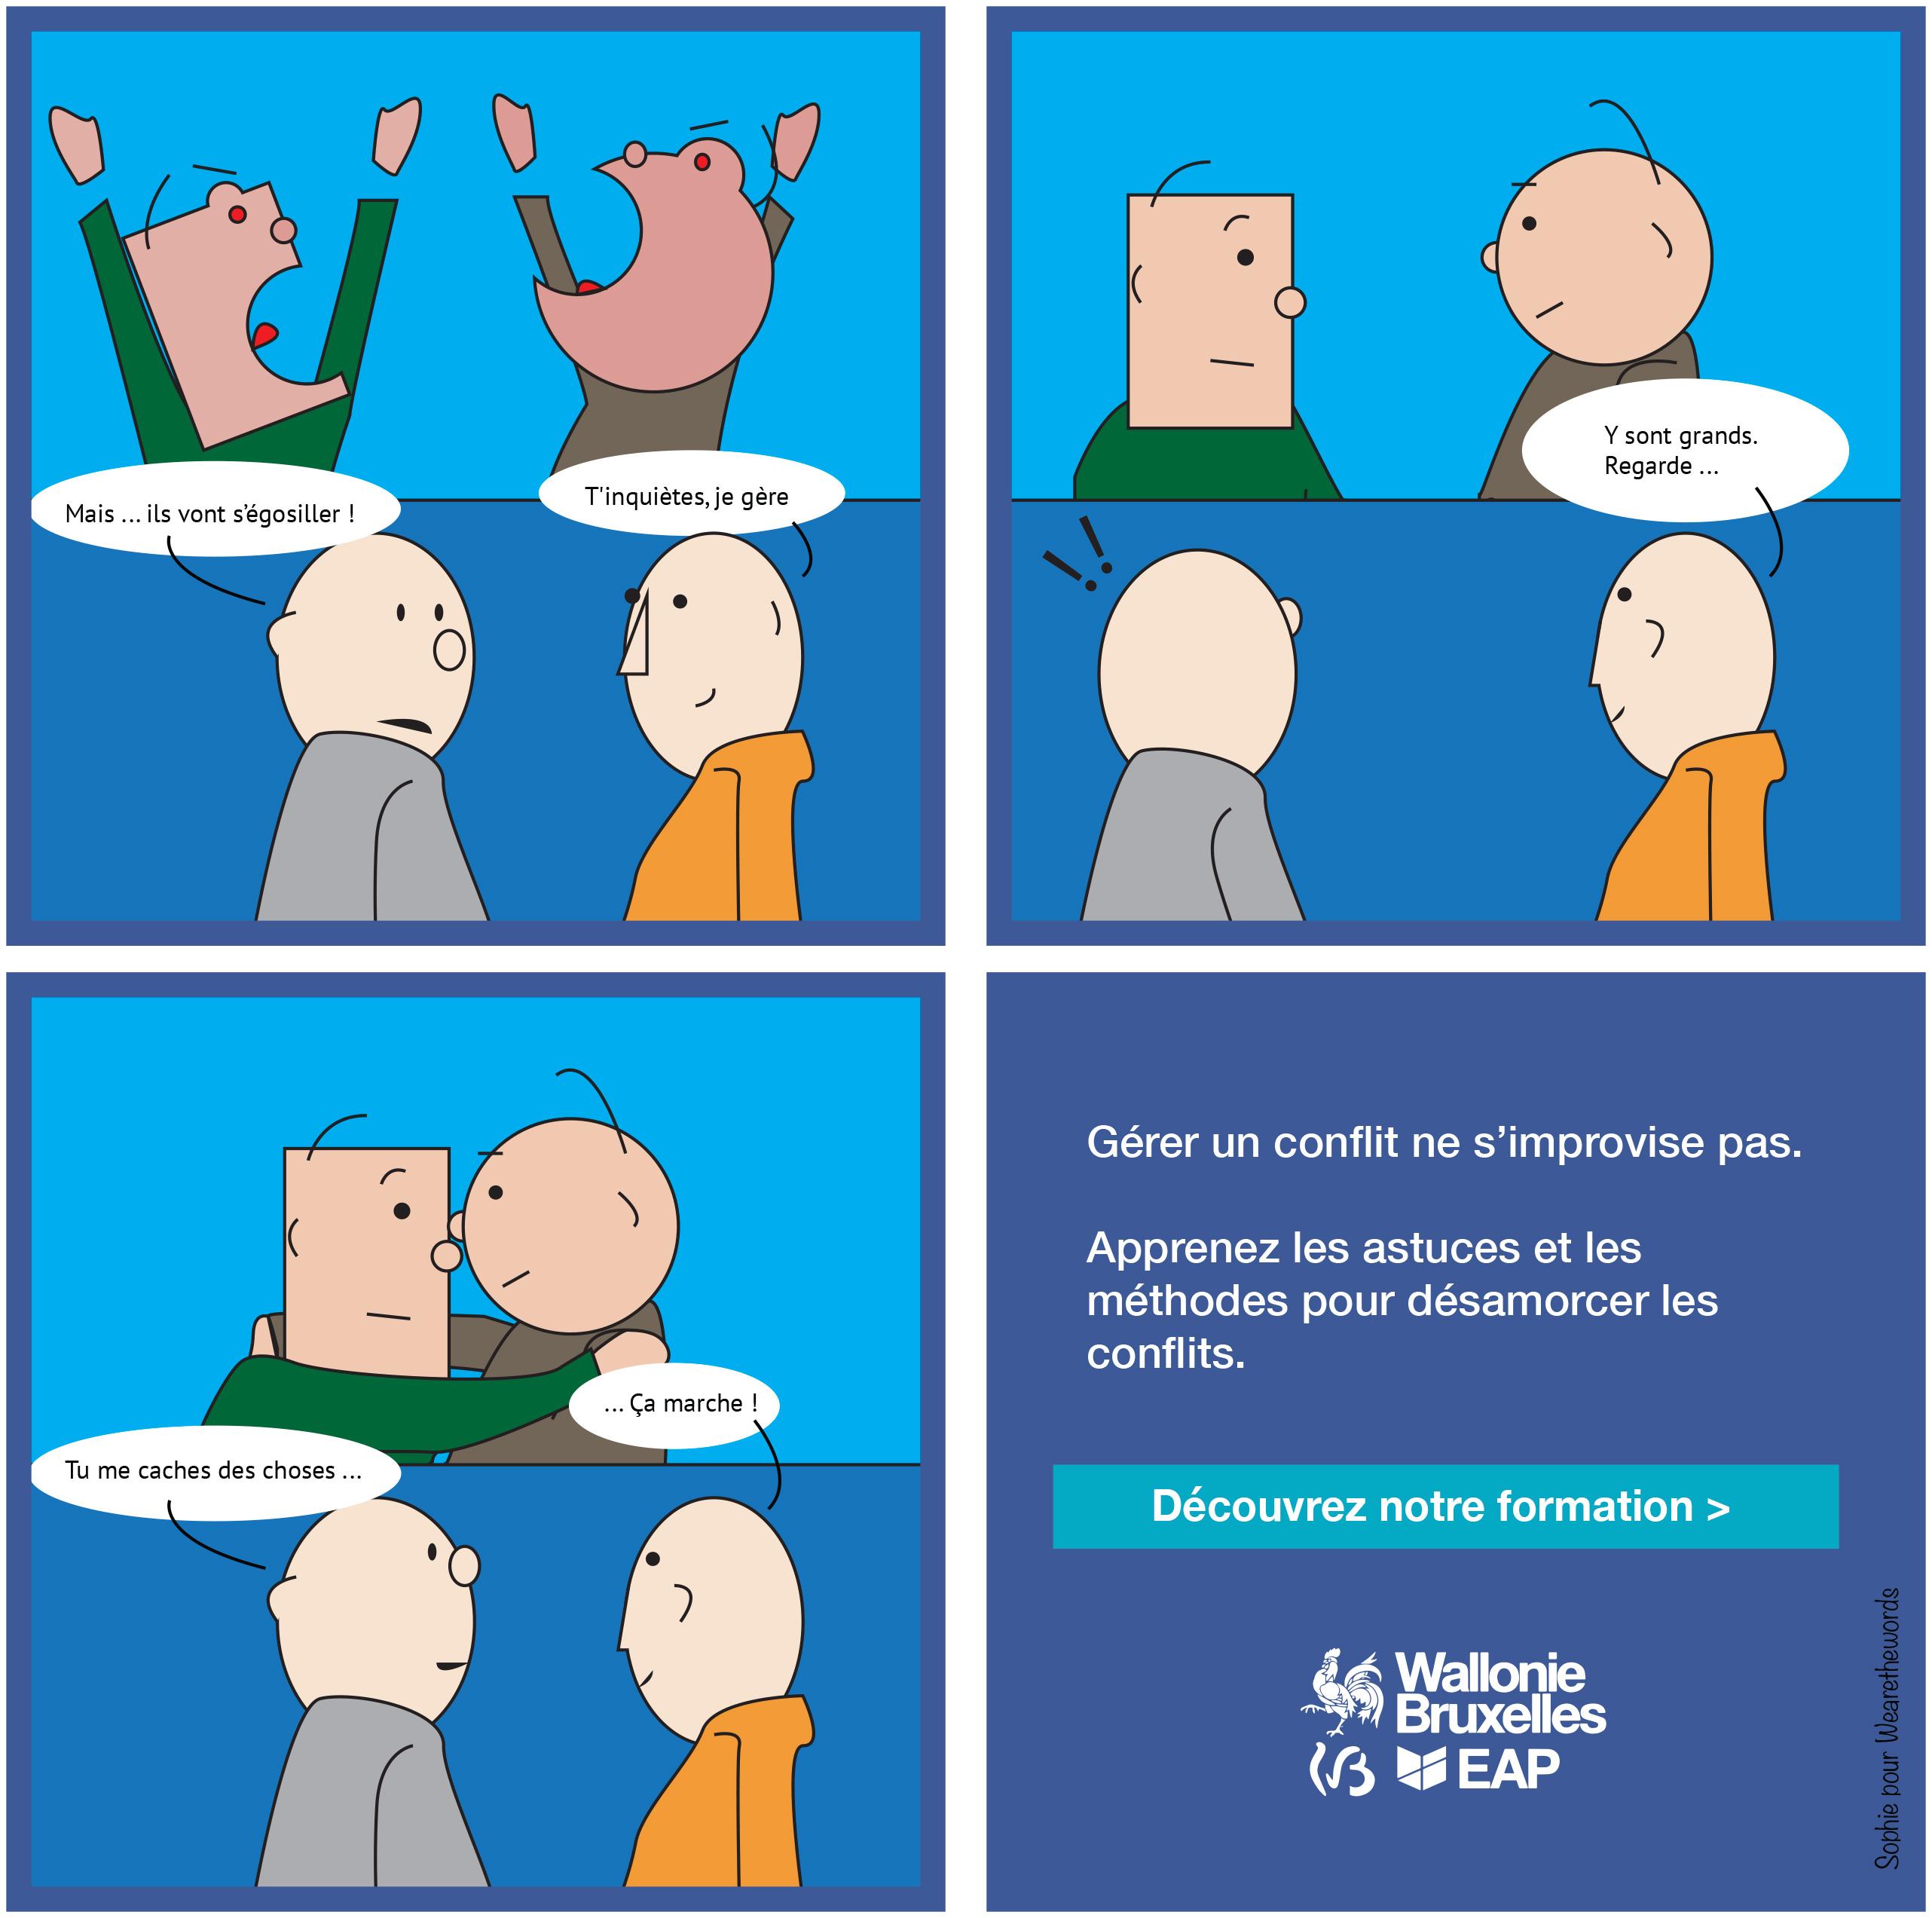 [Cartoon] Gérer un conflit, ça ne s'improvise pas à l'EAP